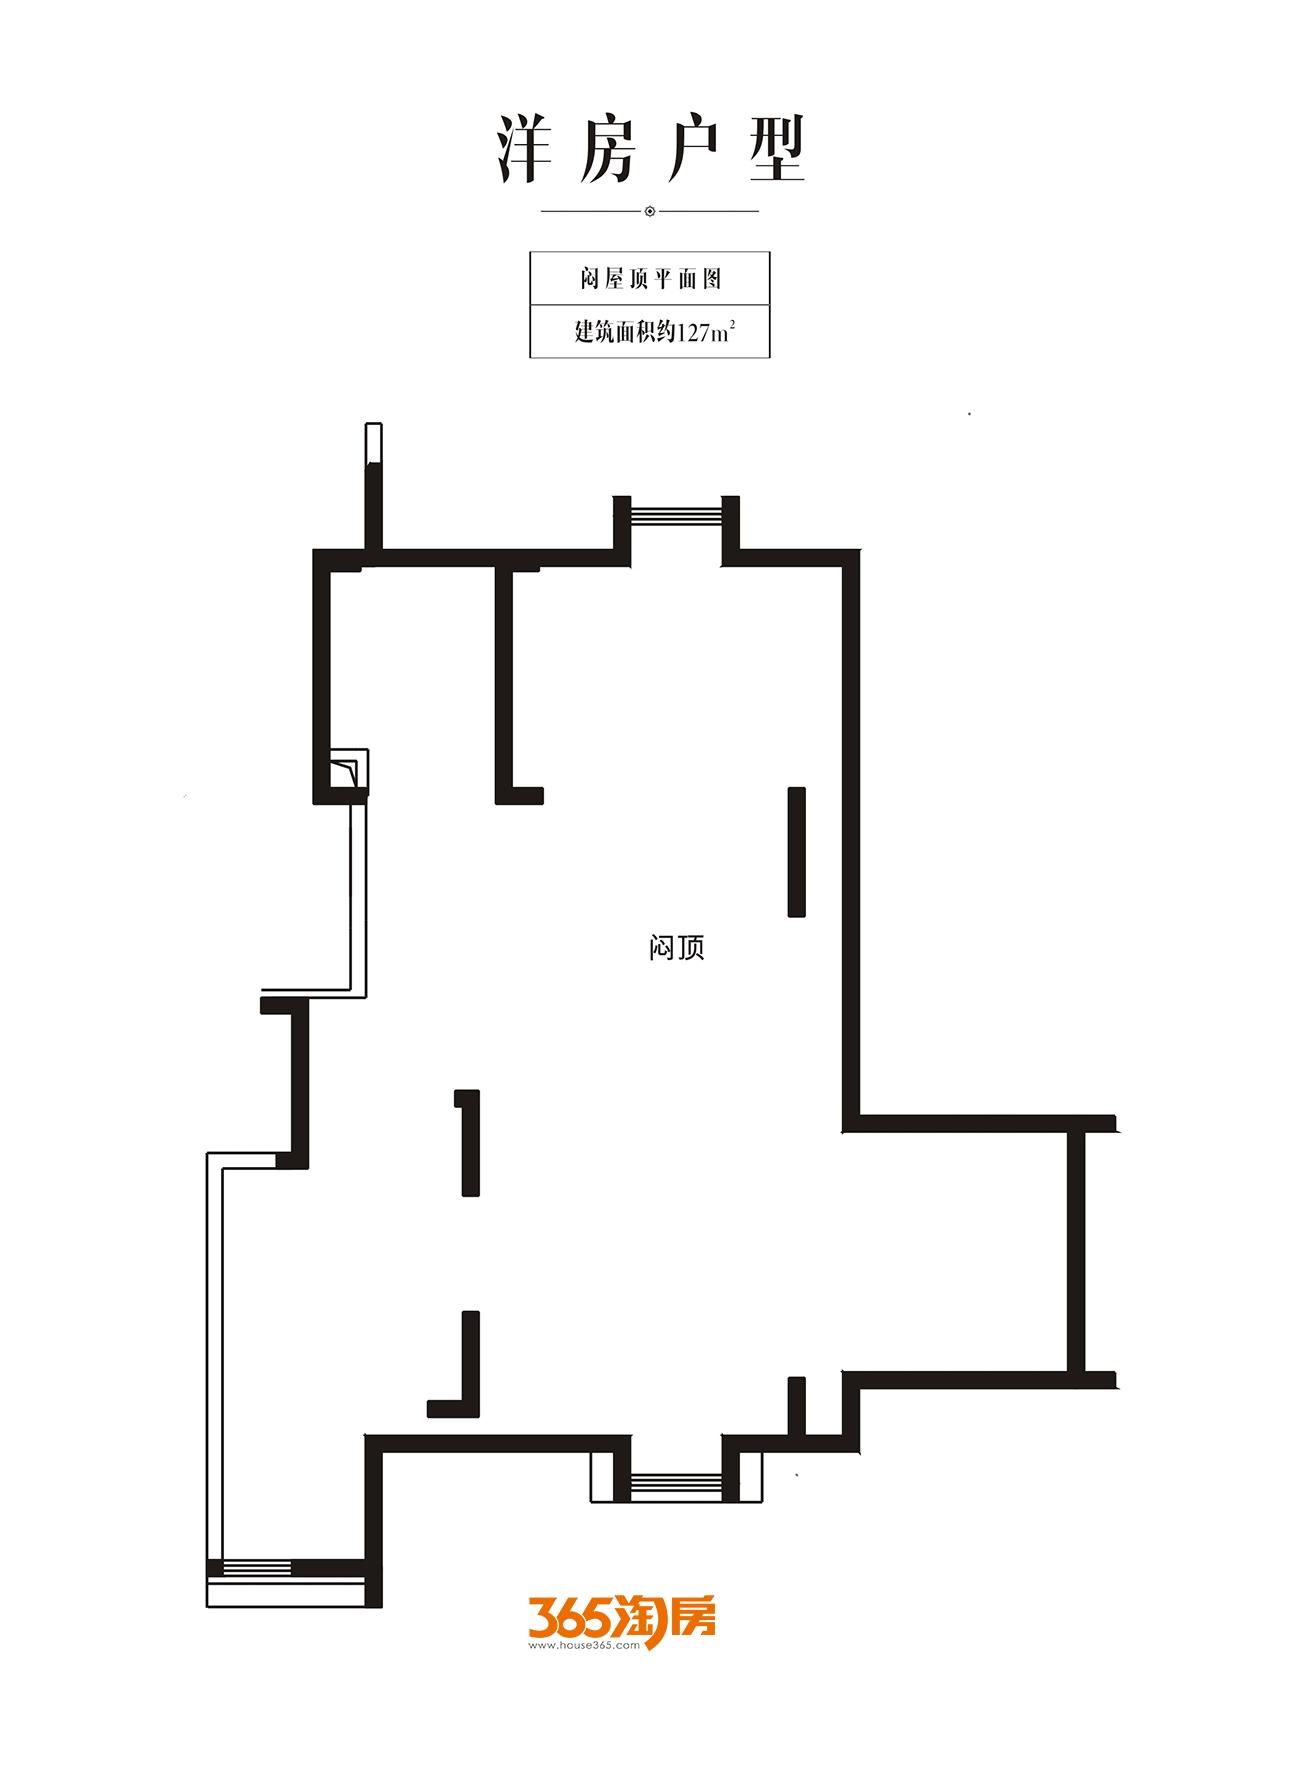 金科半岛壹号洋房闷屋顶127㎡平面图